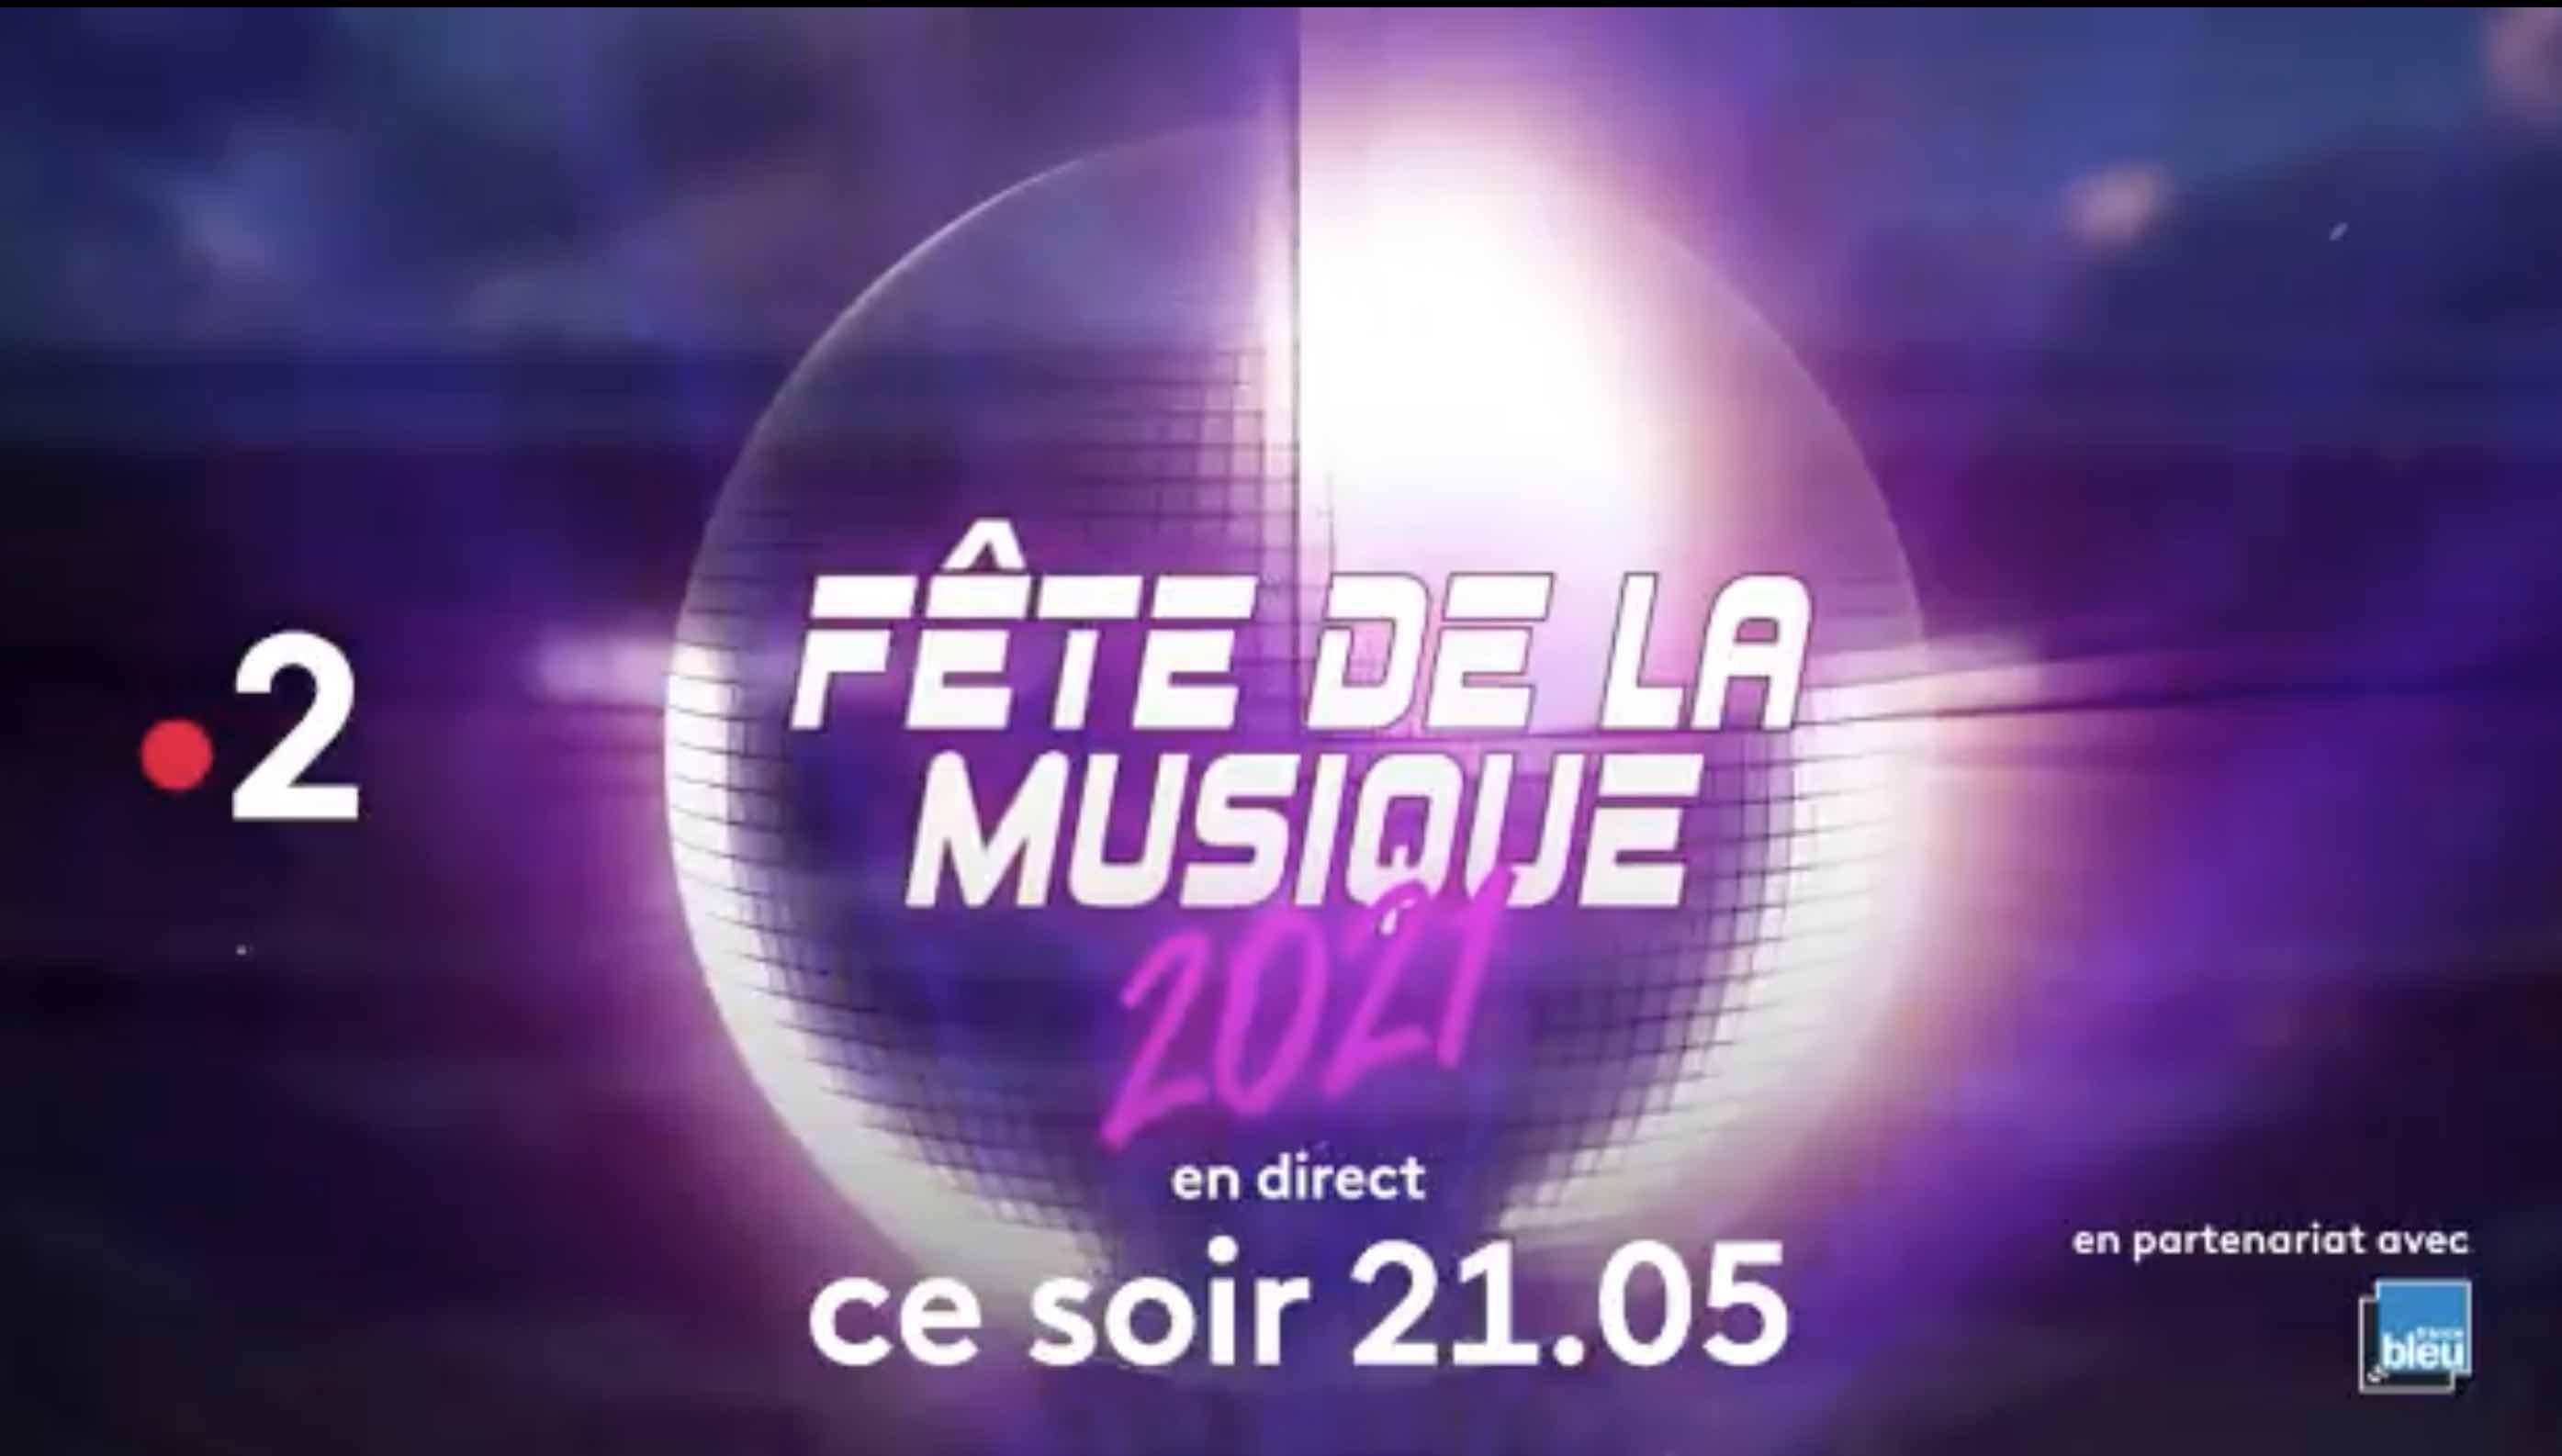 Fête de la musique 2021 - France 2 - Roland Garros - Années 80 -